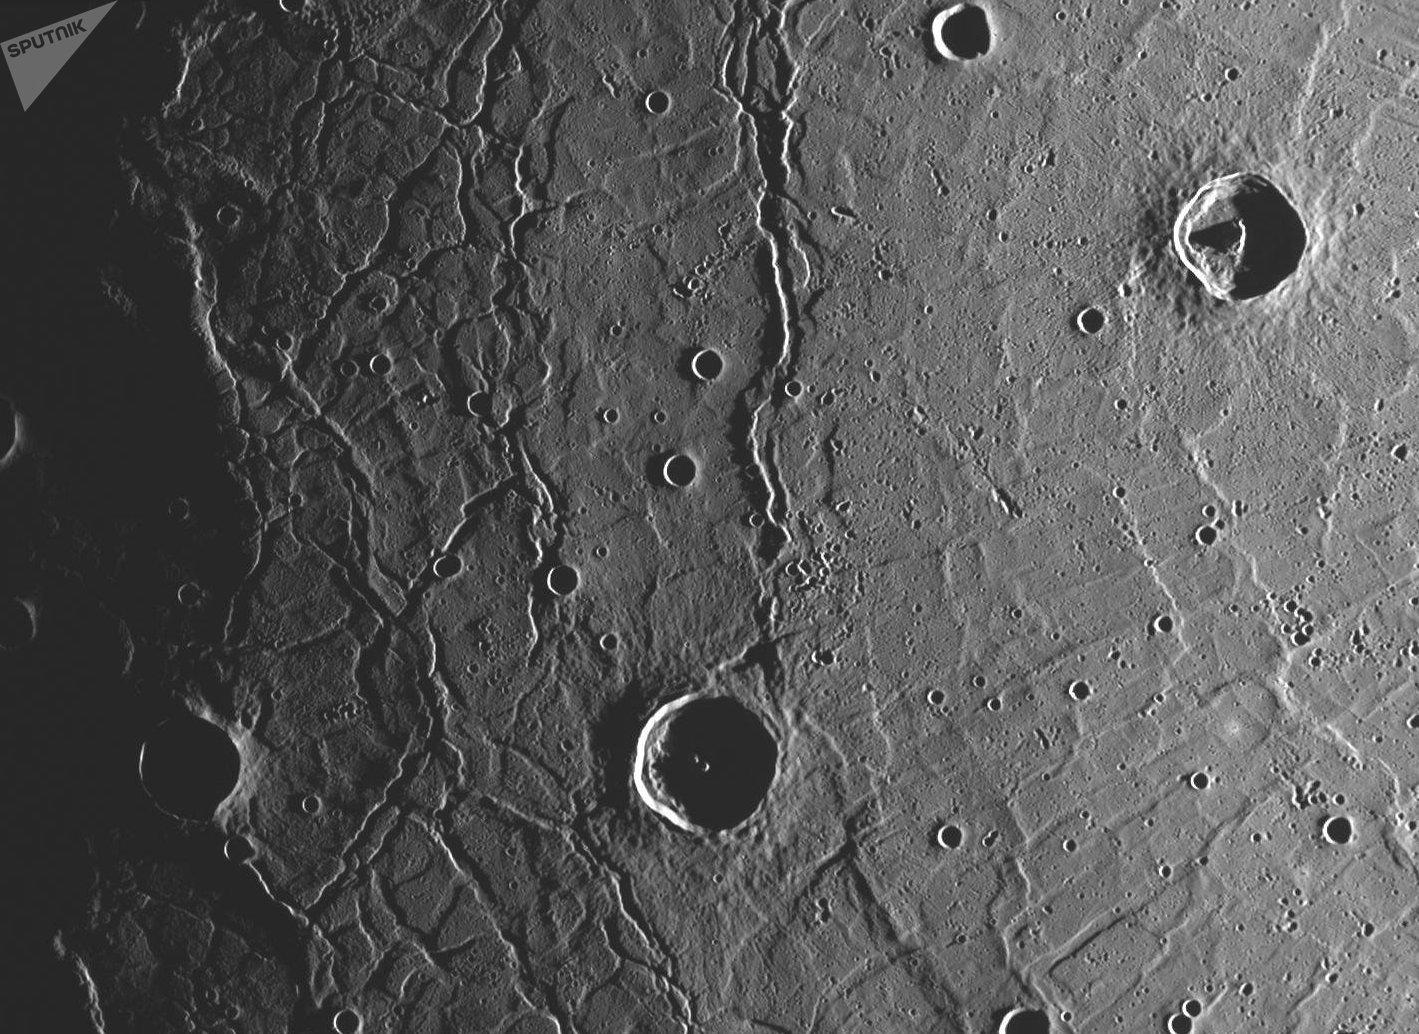 La superficie de Mercurio